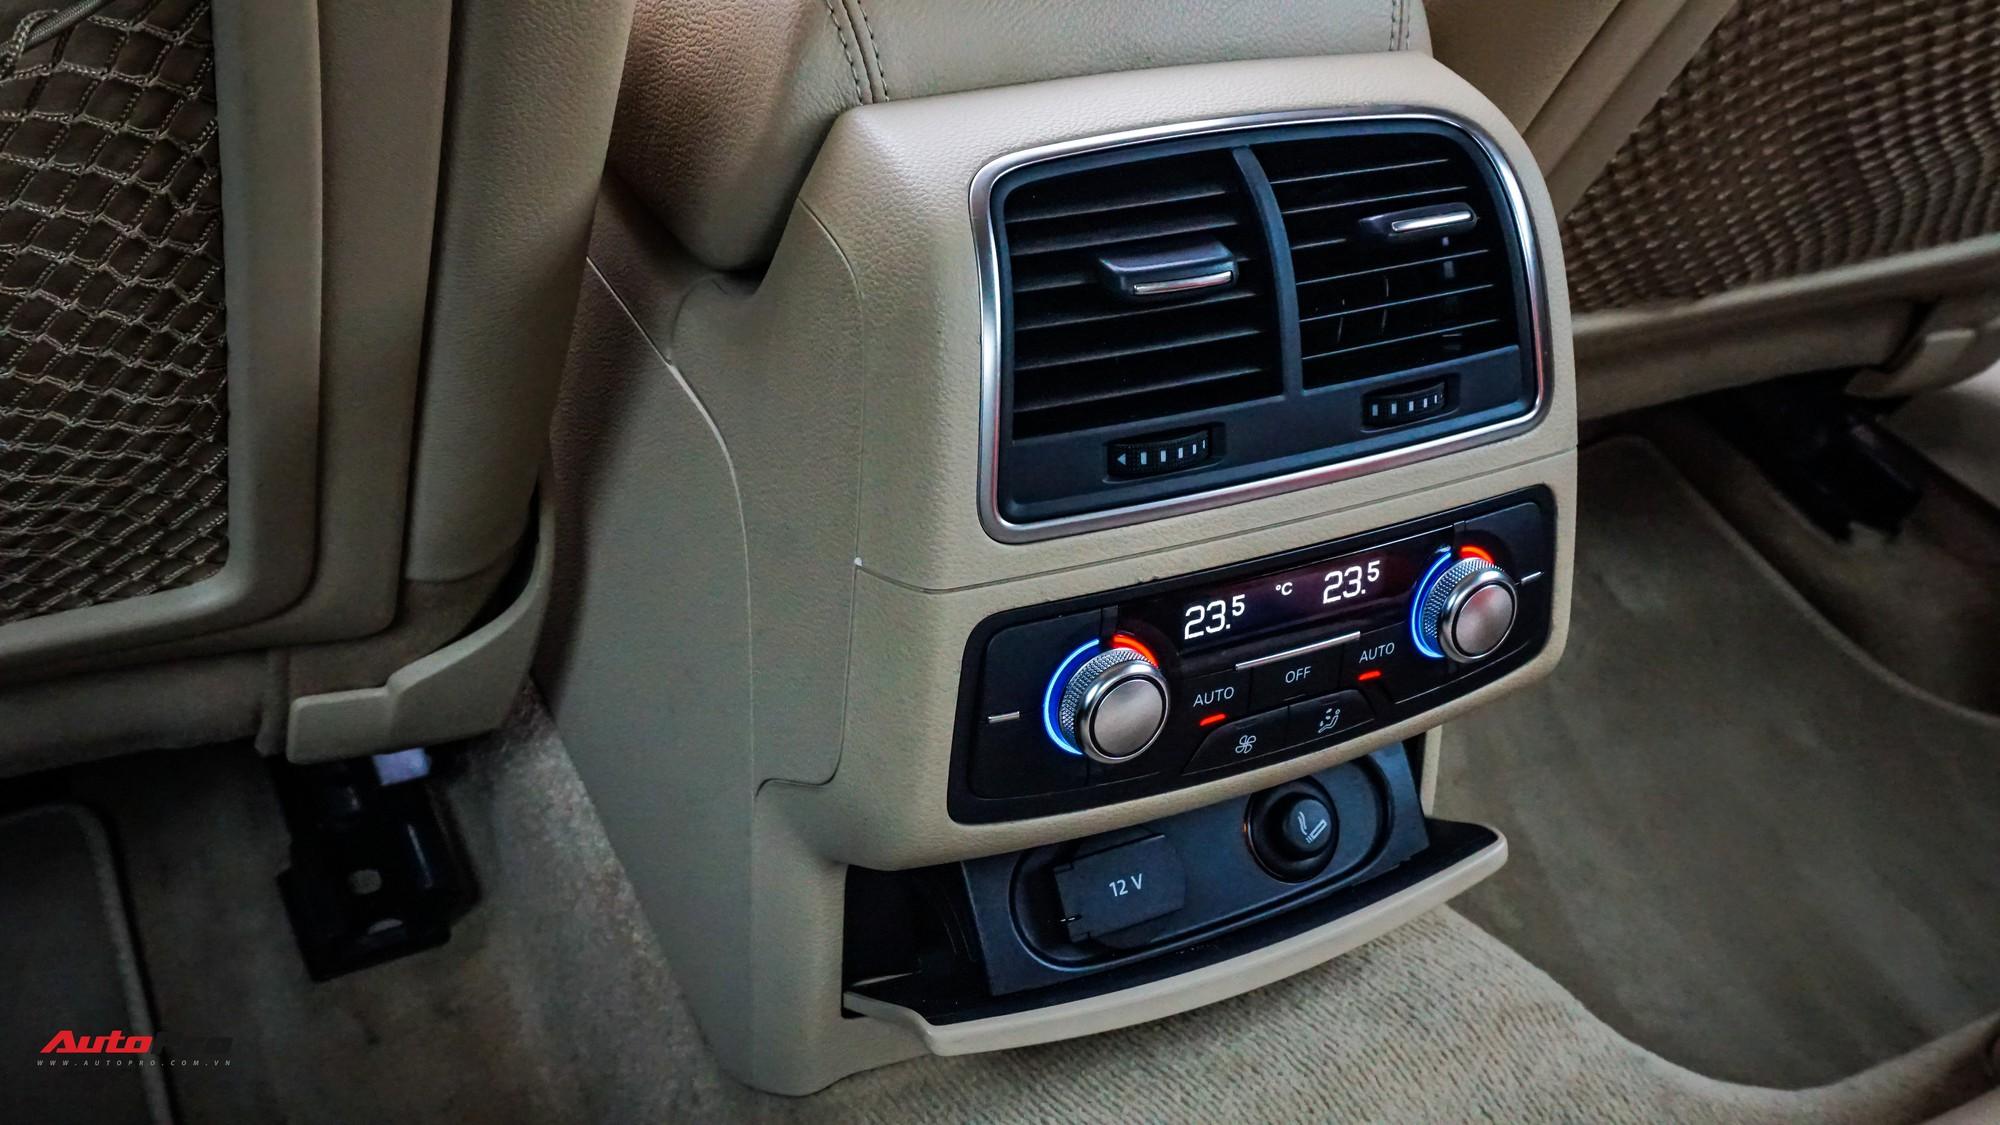 Audi A7 Sportback 7 năm tuổi bán lại 1,5 tỷ đồng tại Hà Nội - Ảnh 15.